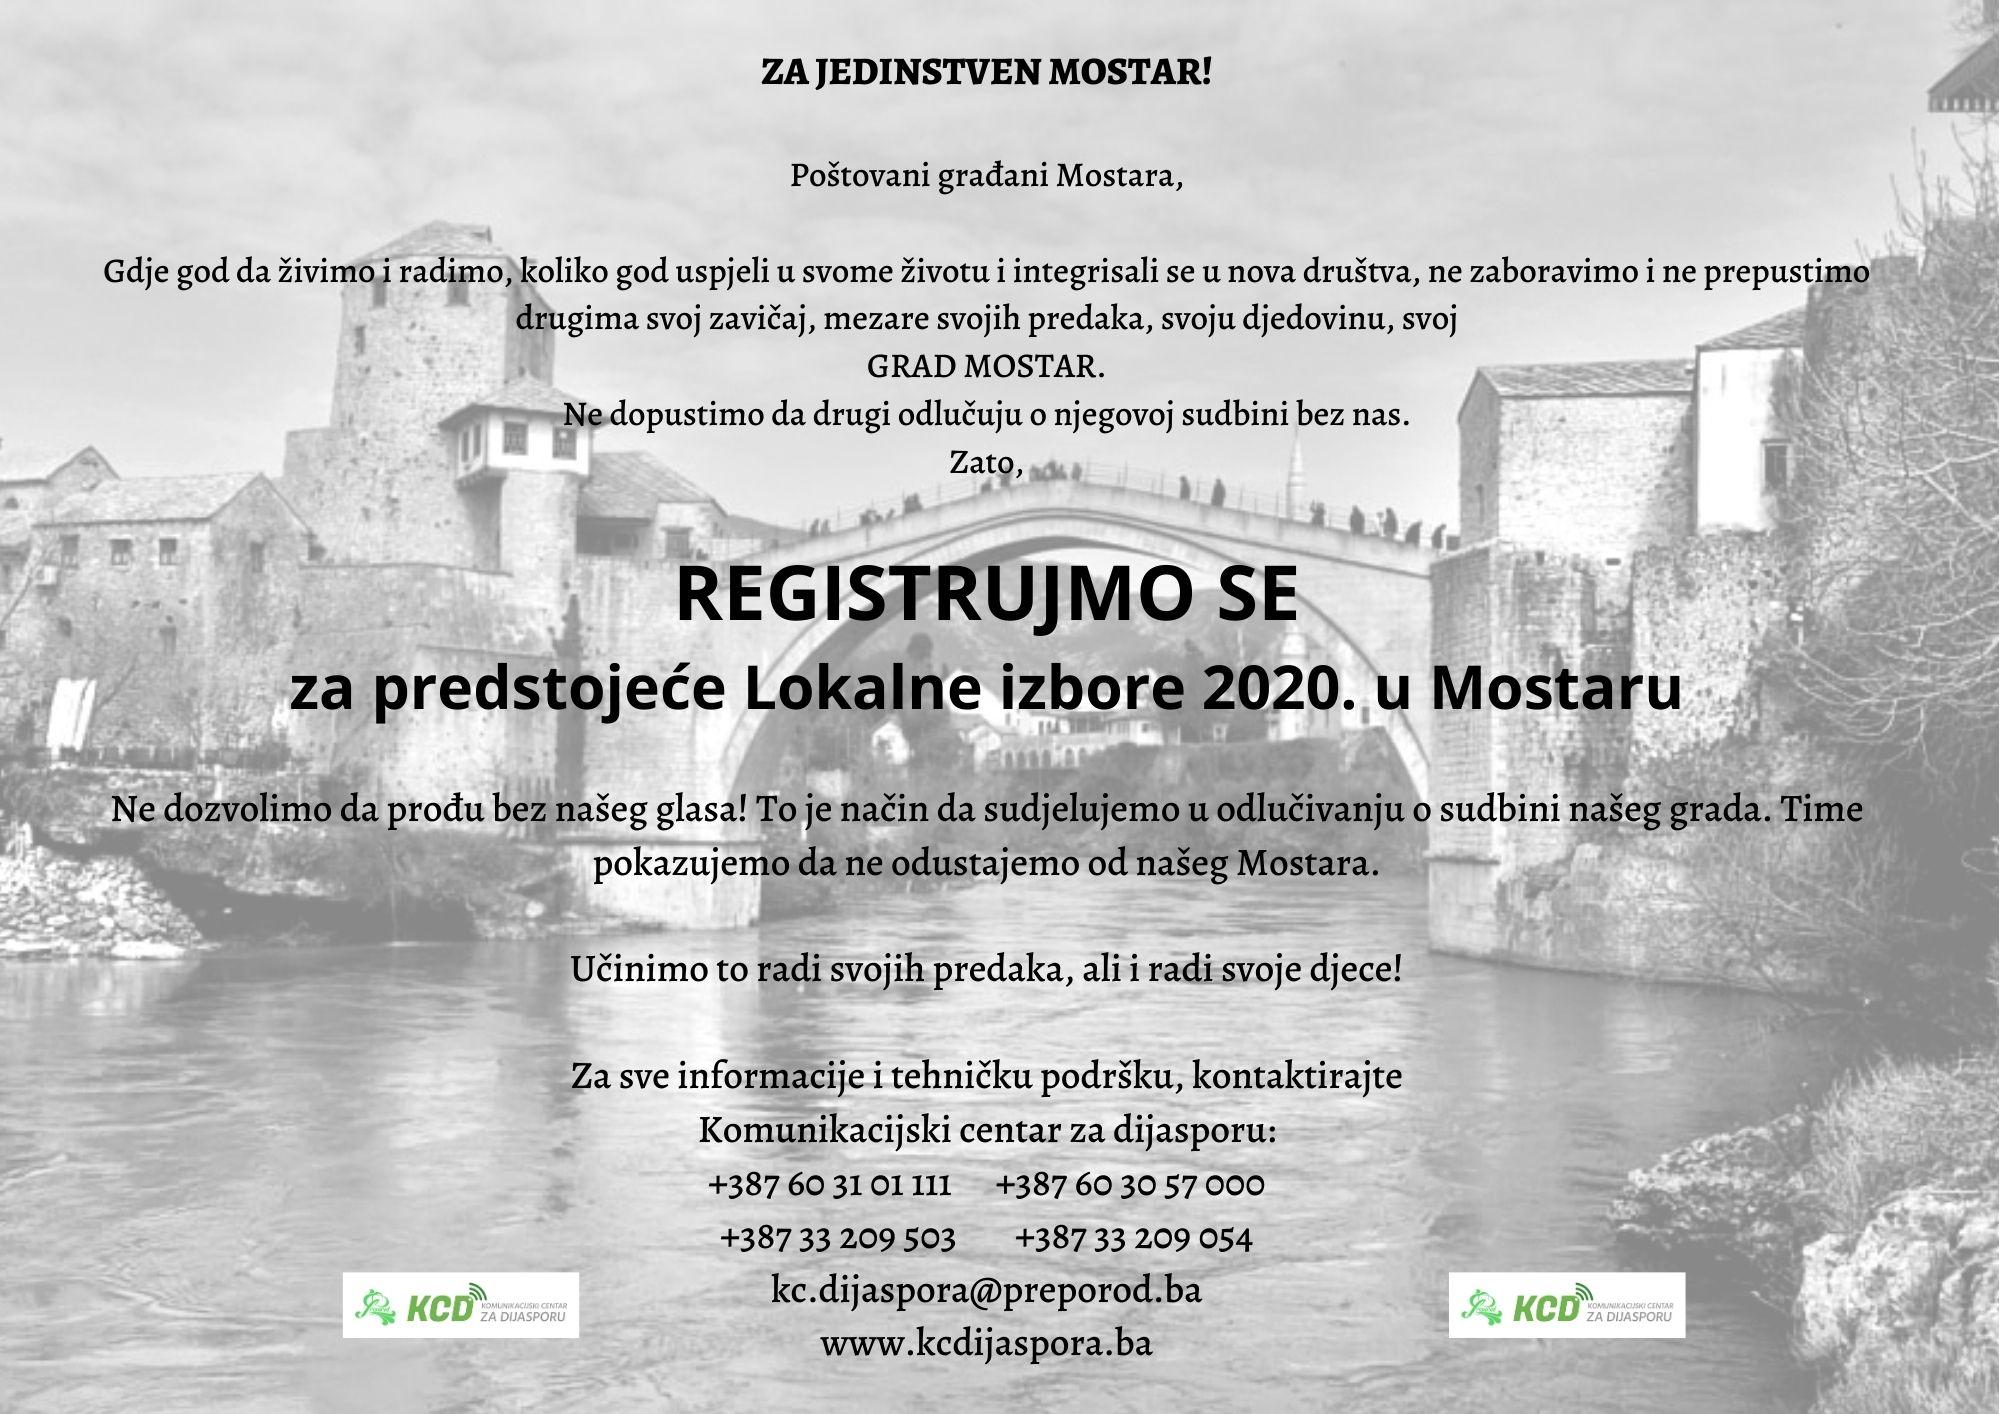 Registracija birača za izbore u Mostaru